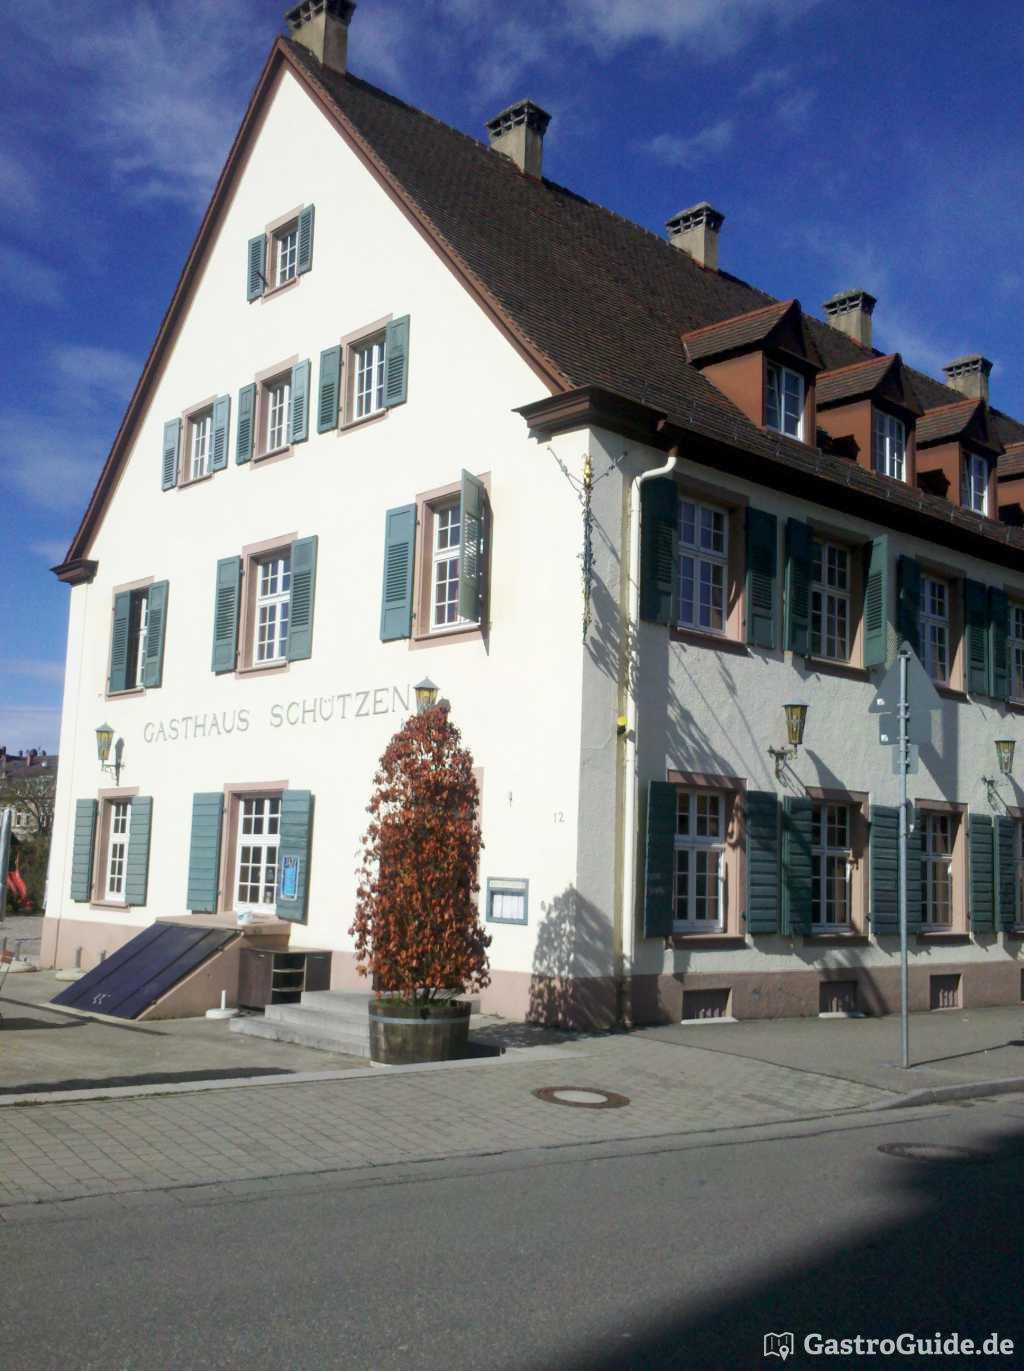 hotel gasthaus sch tzen restaurant in 79102 freiburg im breisgau. Black Bedroom Furniture Sets. Home Design Ideas